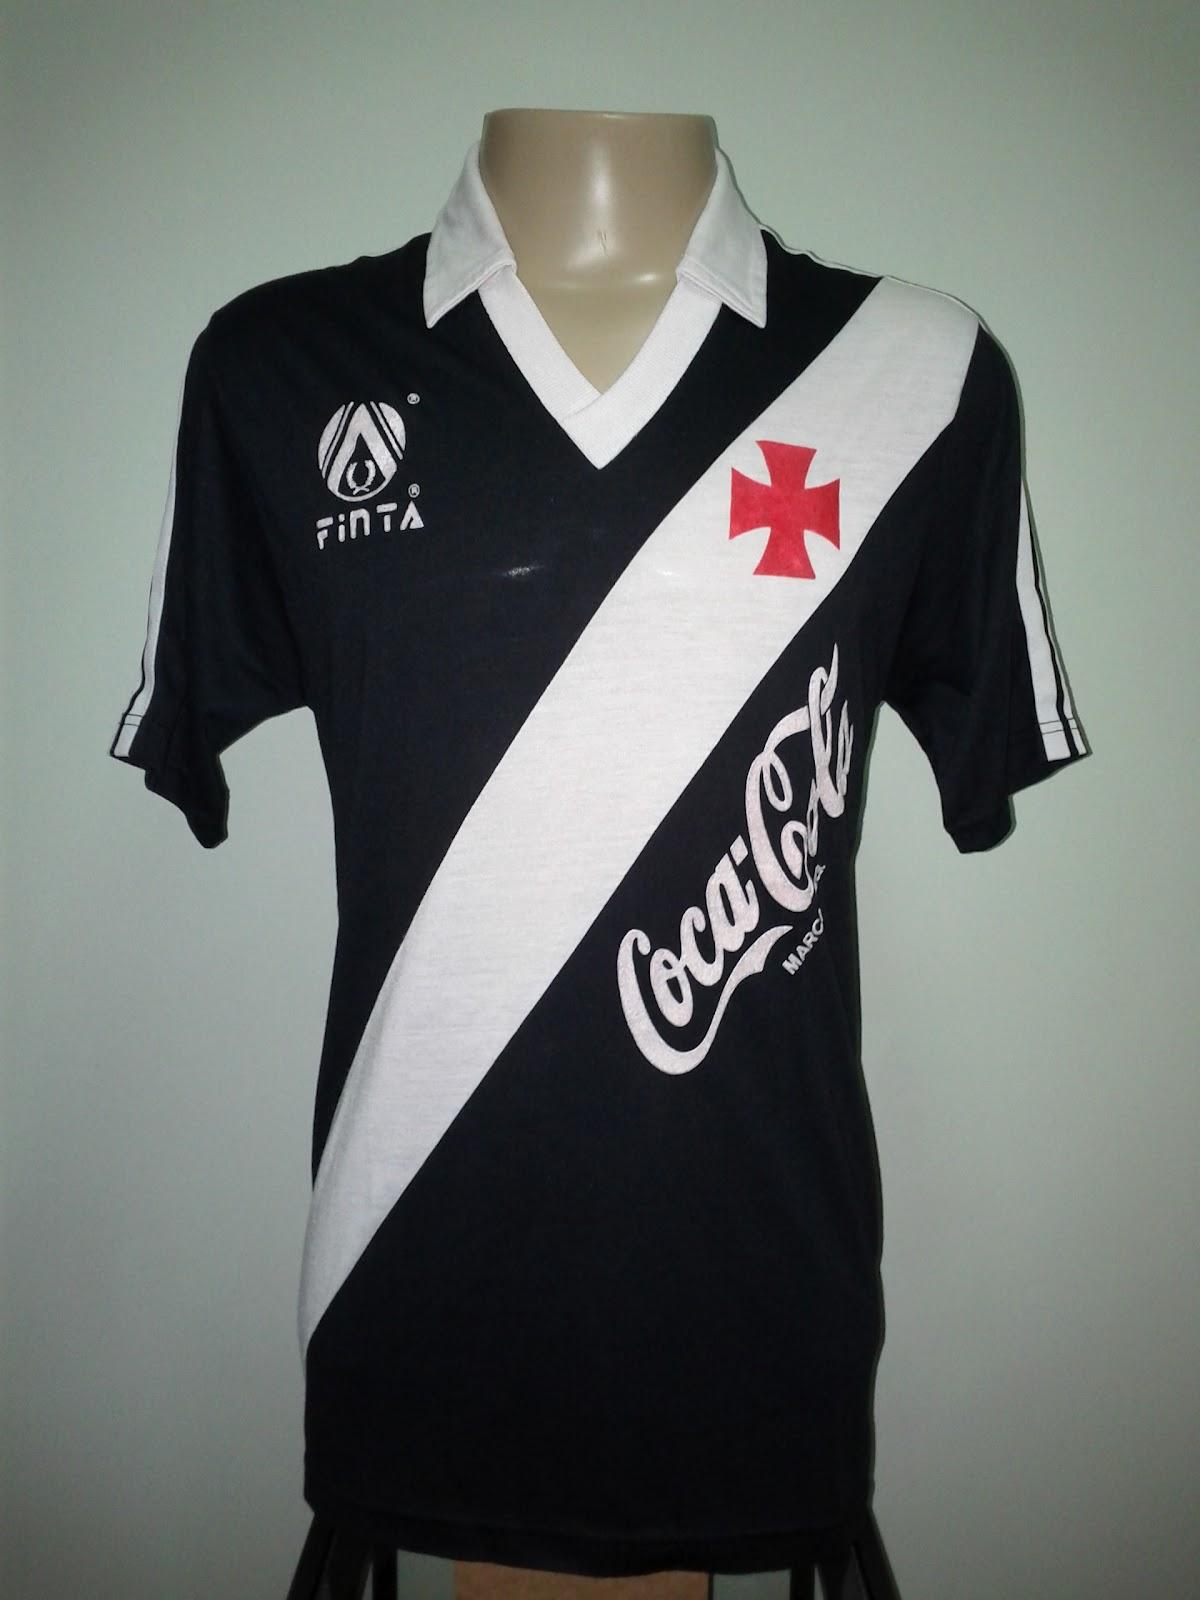 1989-91 Finta (Coca-Cola) dd82ef2ed0aad